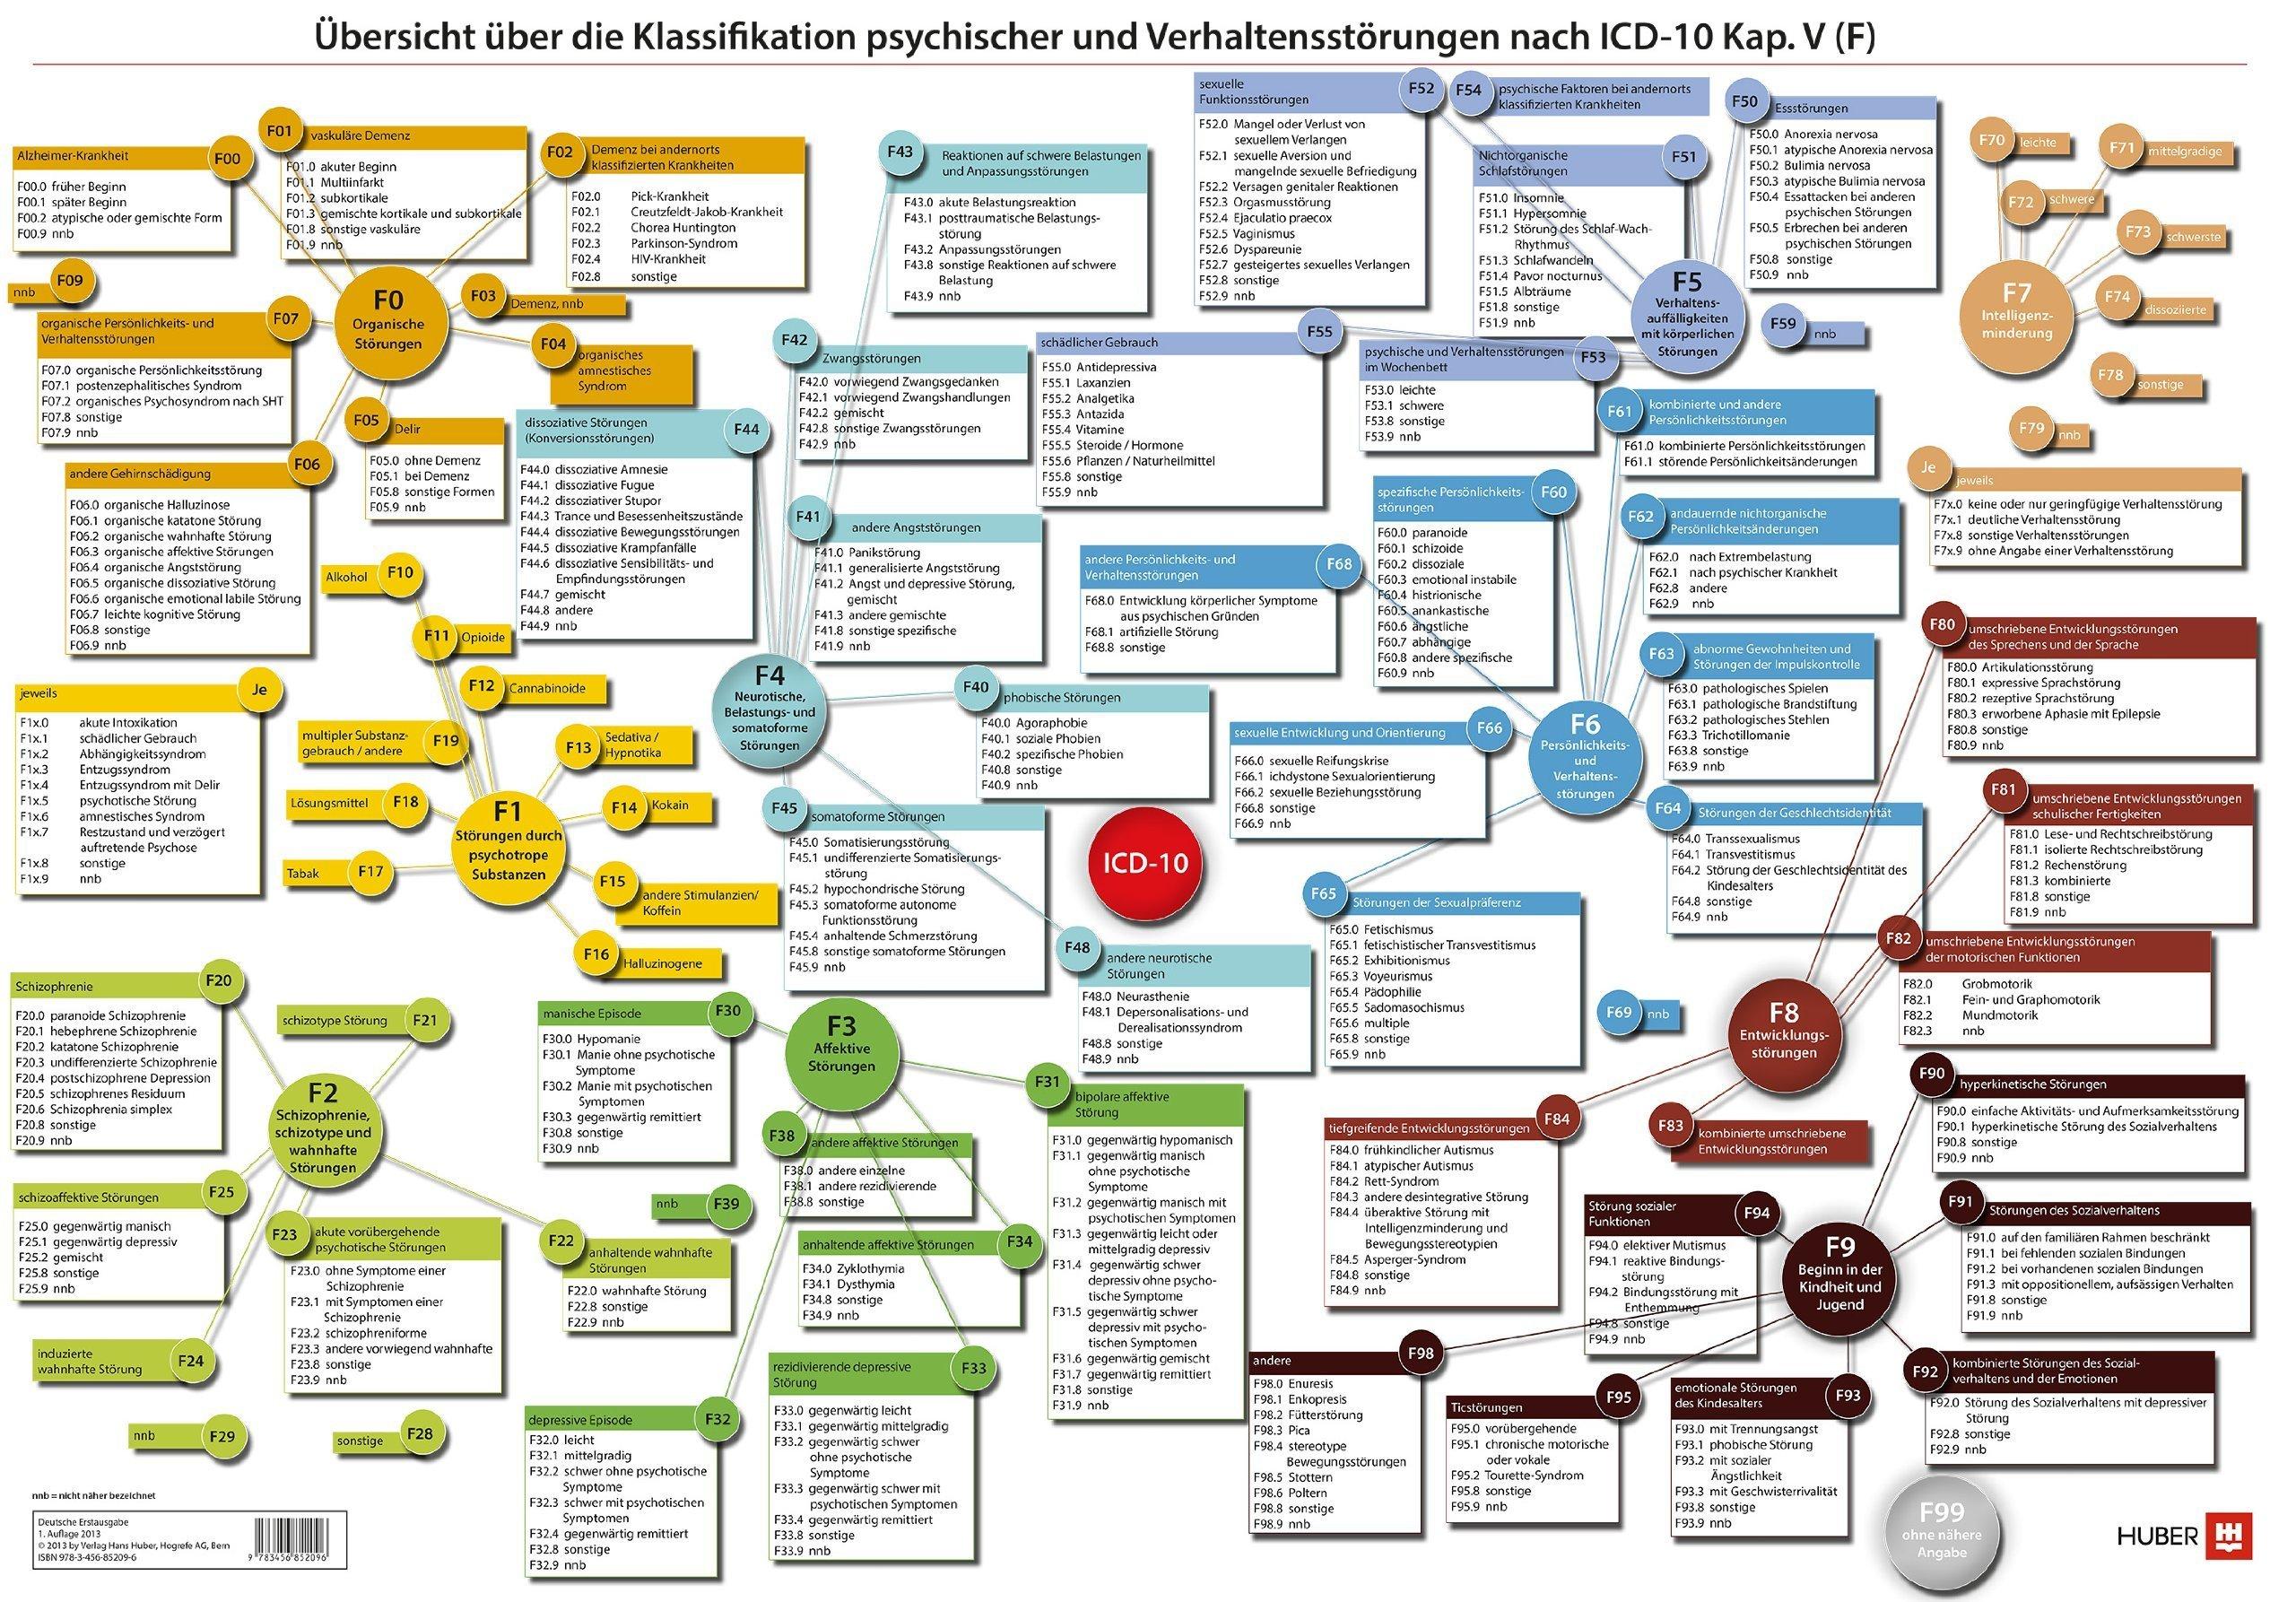 Magnificent Gewünschtes Plakat überblick Component - FORTSETZUNG ...